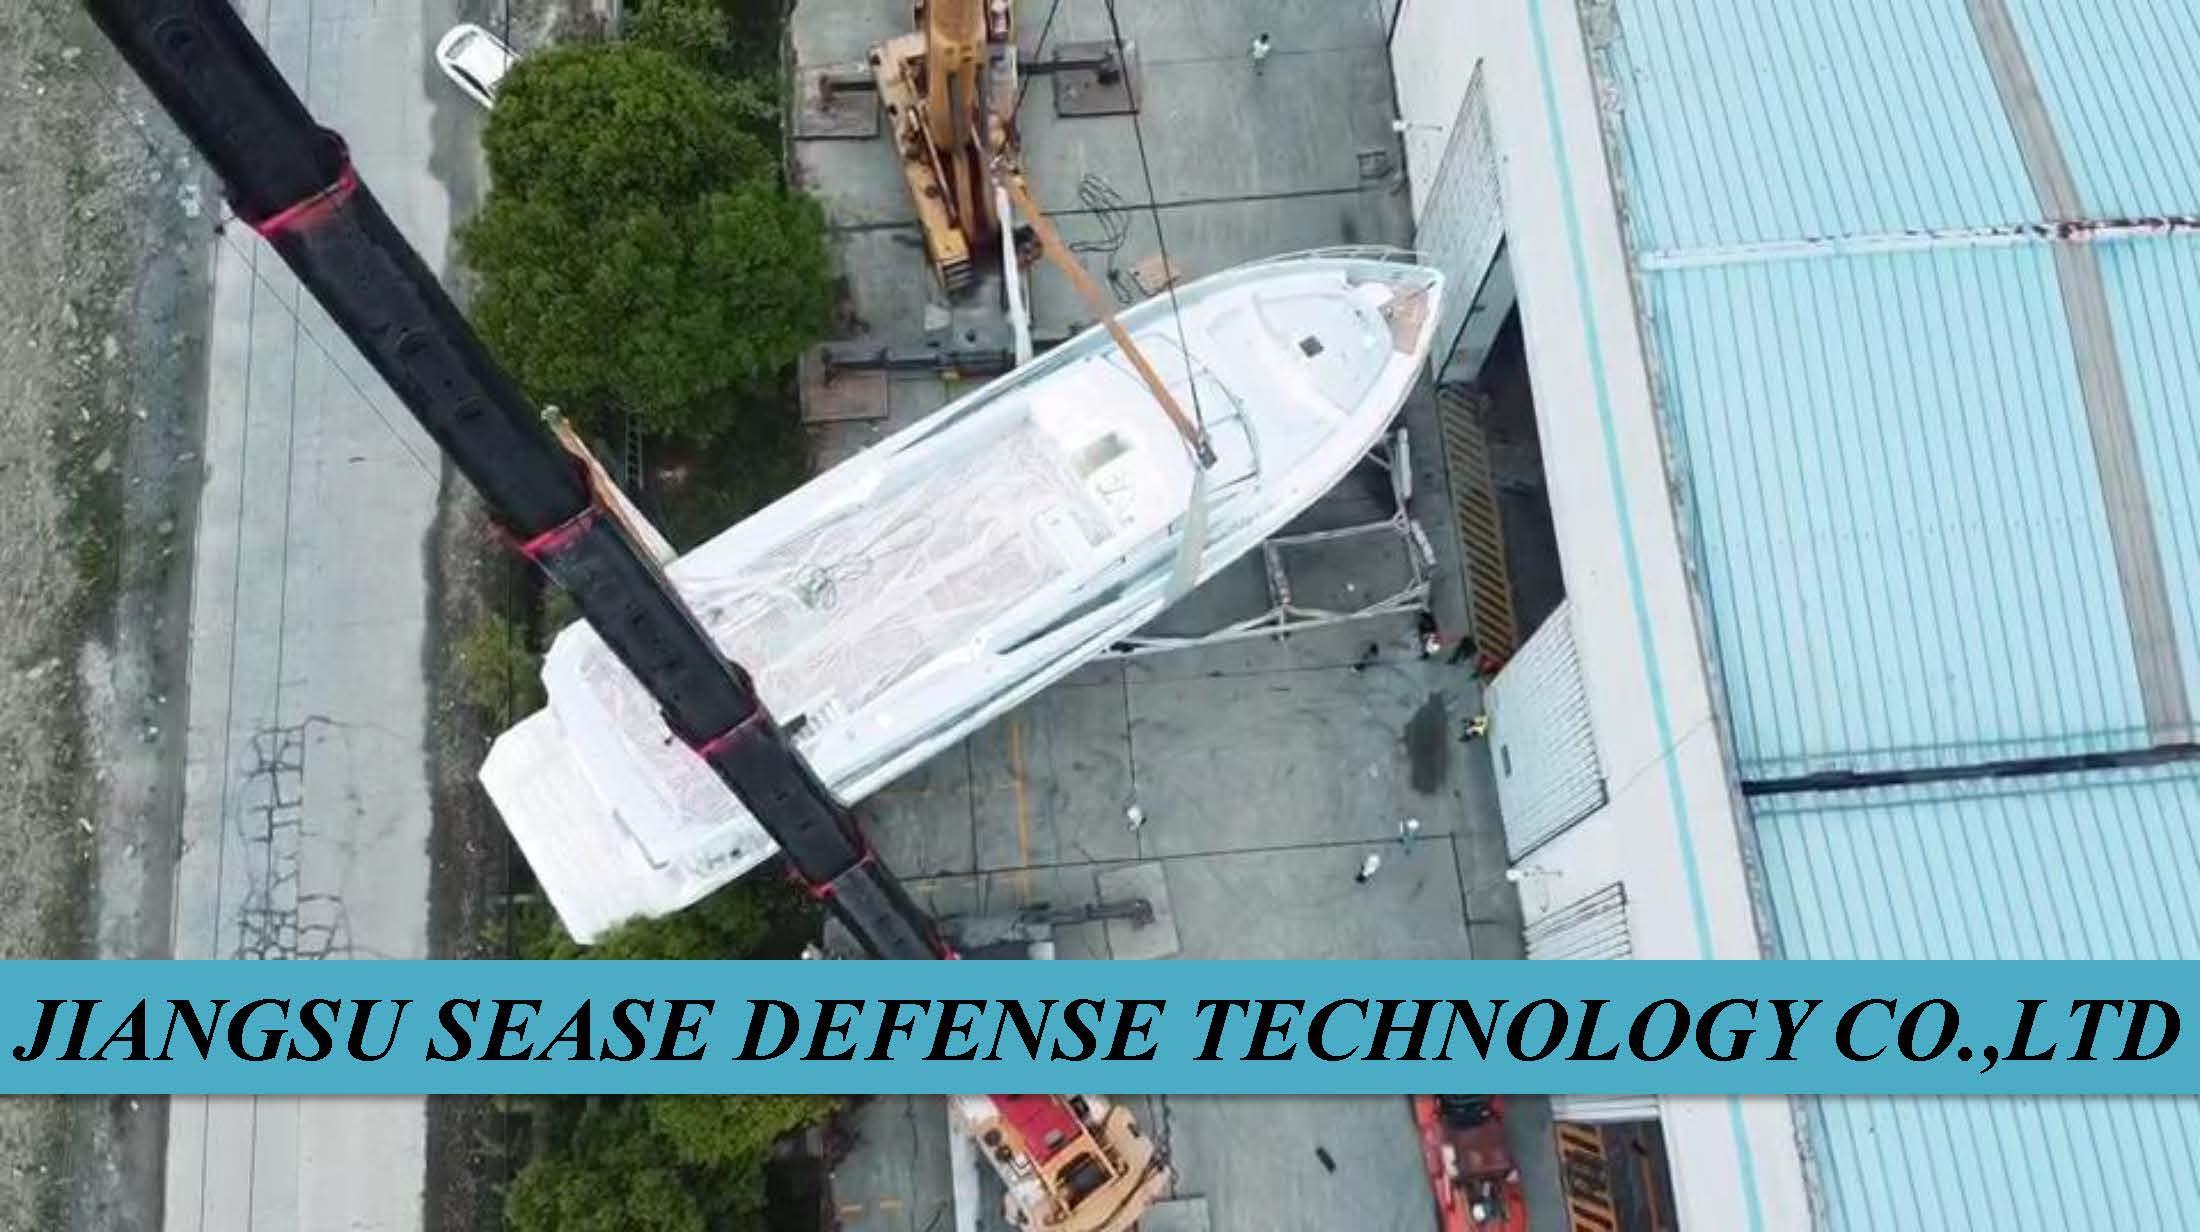 星瑞SEASE 88ft超级游艇安全行河